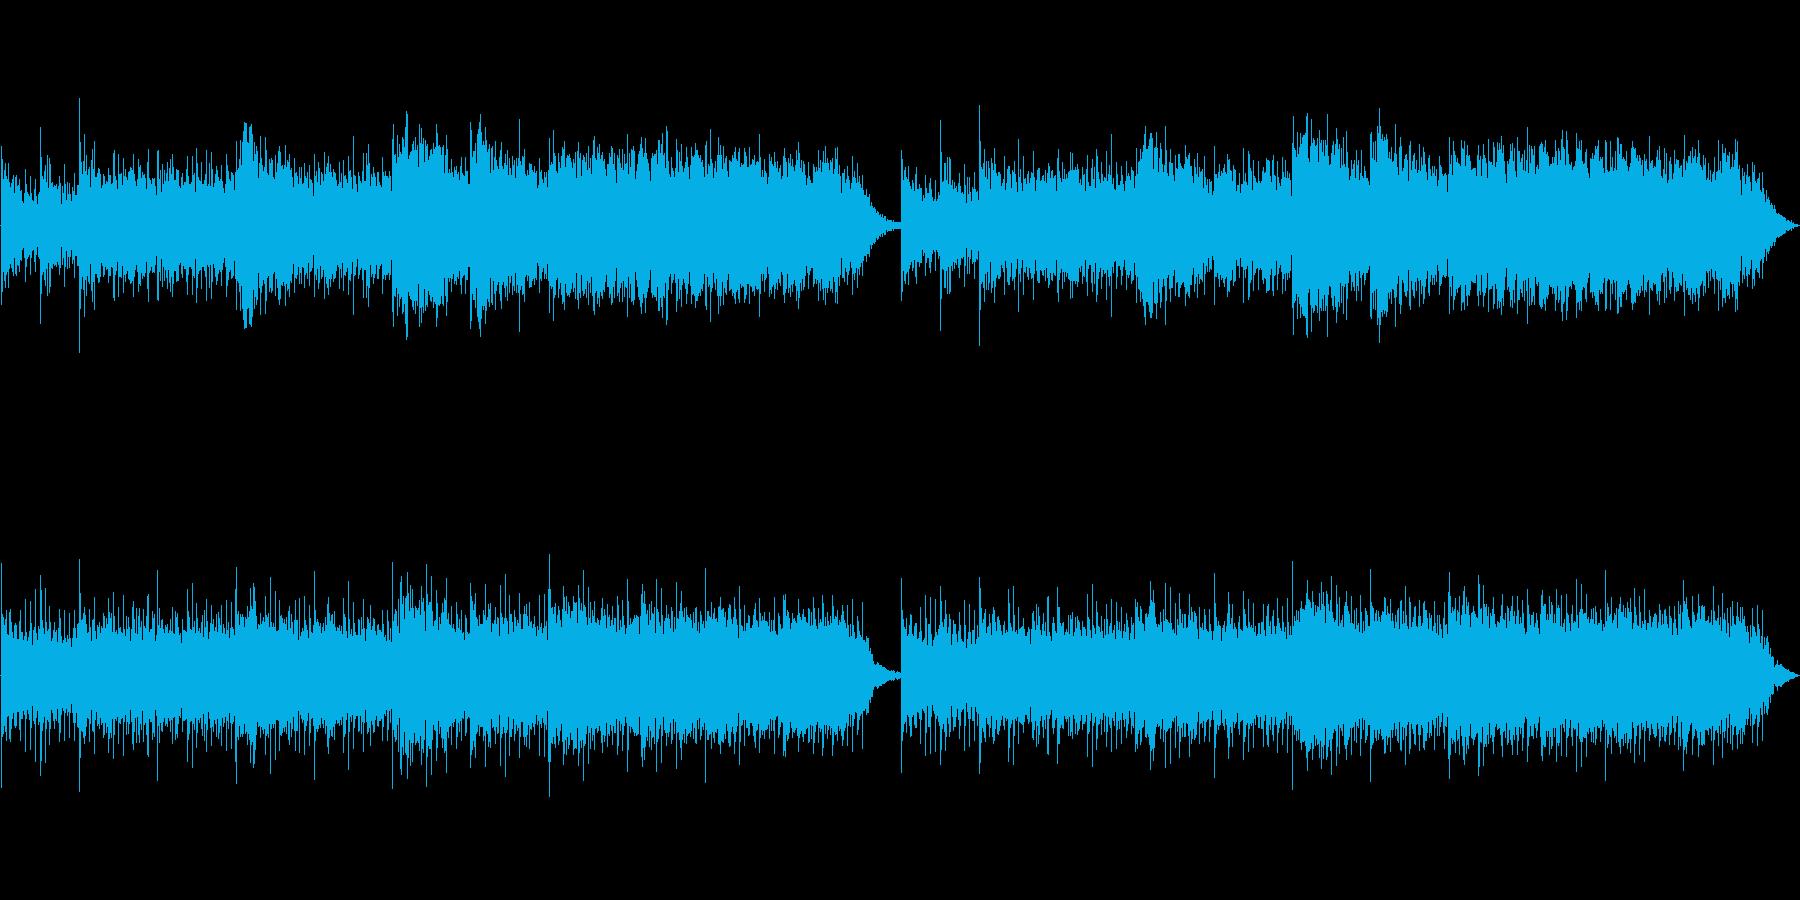 中東イスラムをイメージするフィールド音楽の再生済みの波形